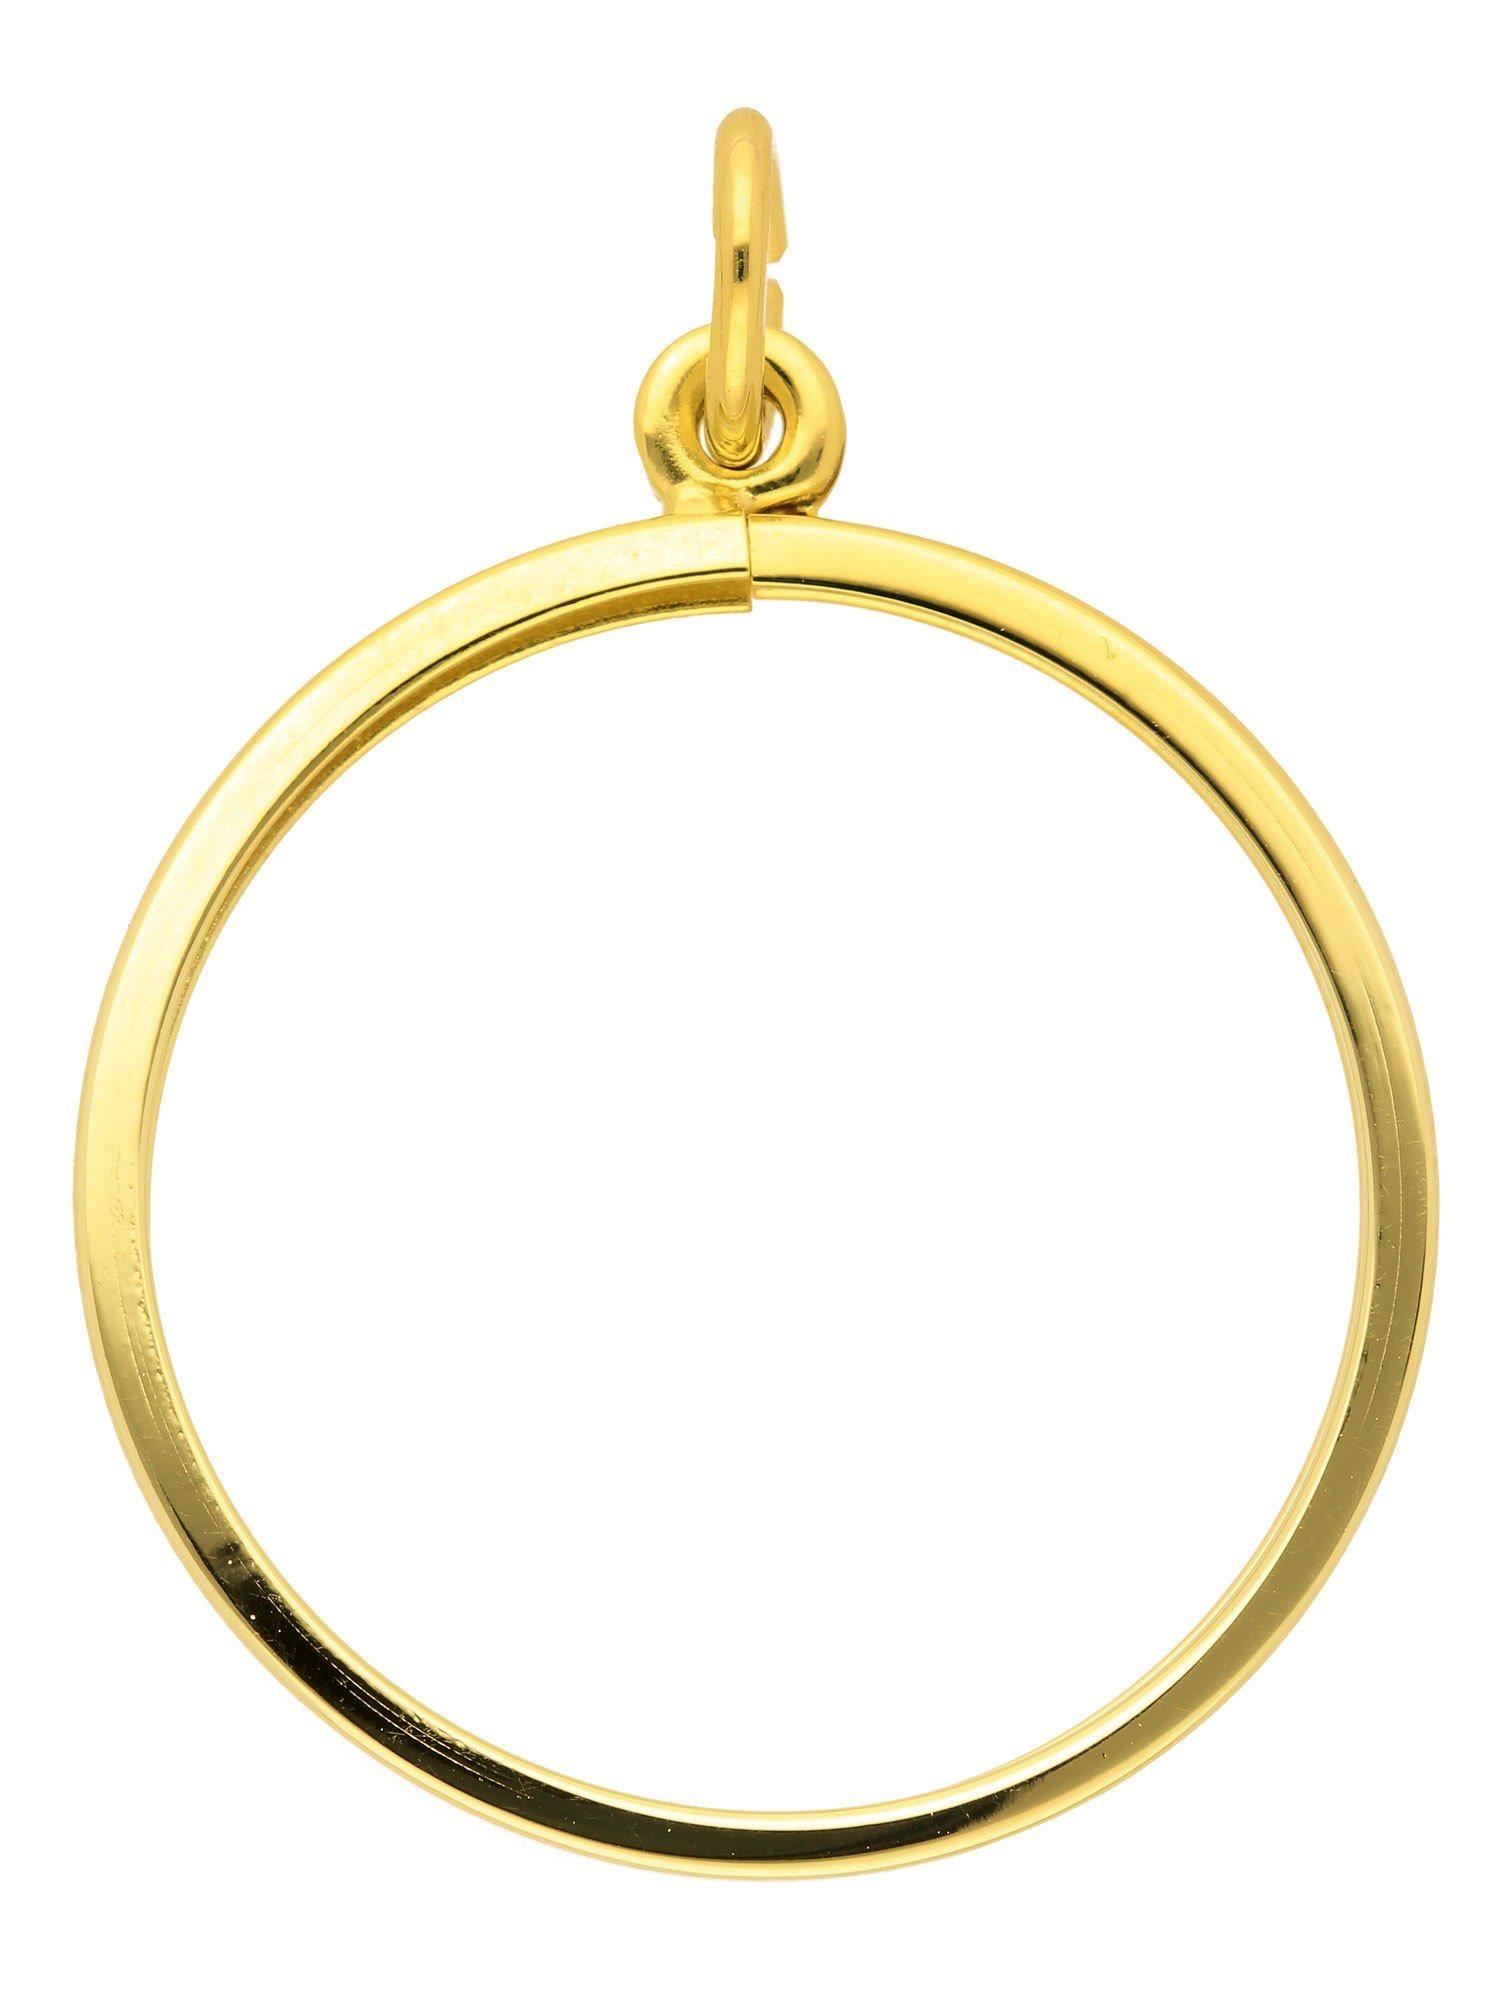 Adelia´s Kettenanhänger »Gold Münzfassungen« 14 k 585 Gelbgold | Schmuck > Halsketten > Ketten ohne Anhänger | Adelia´s